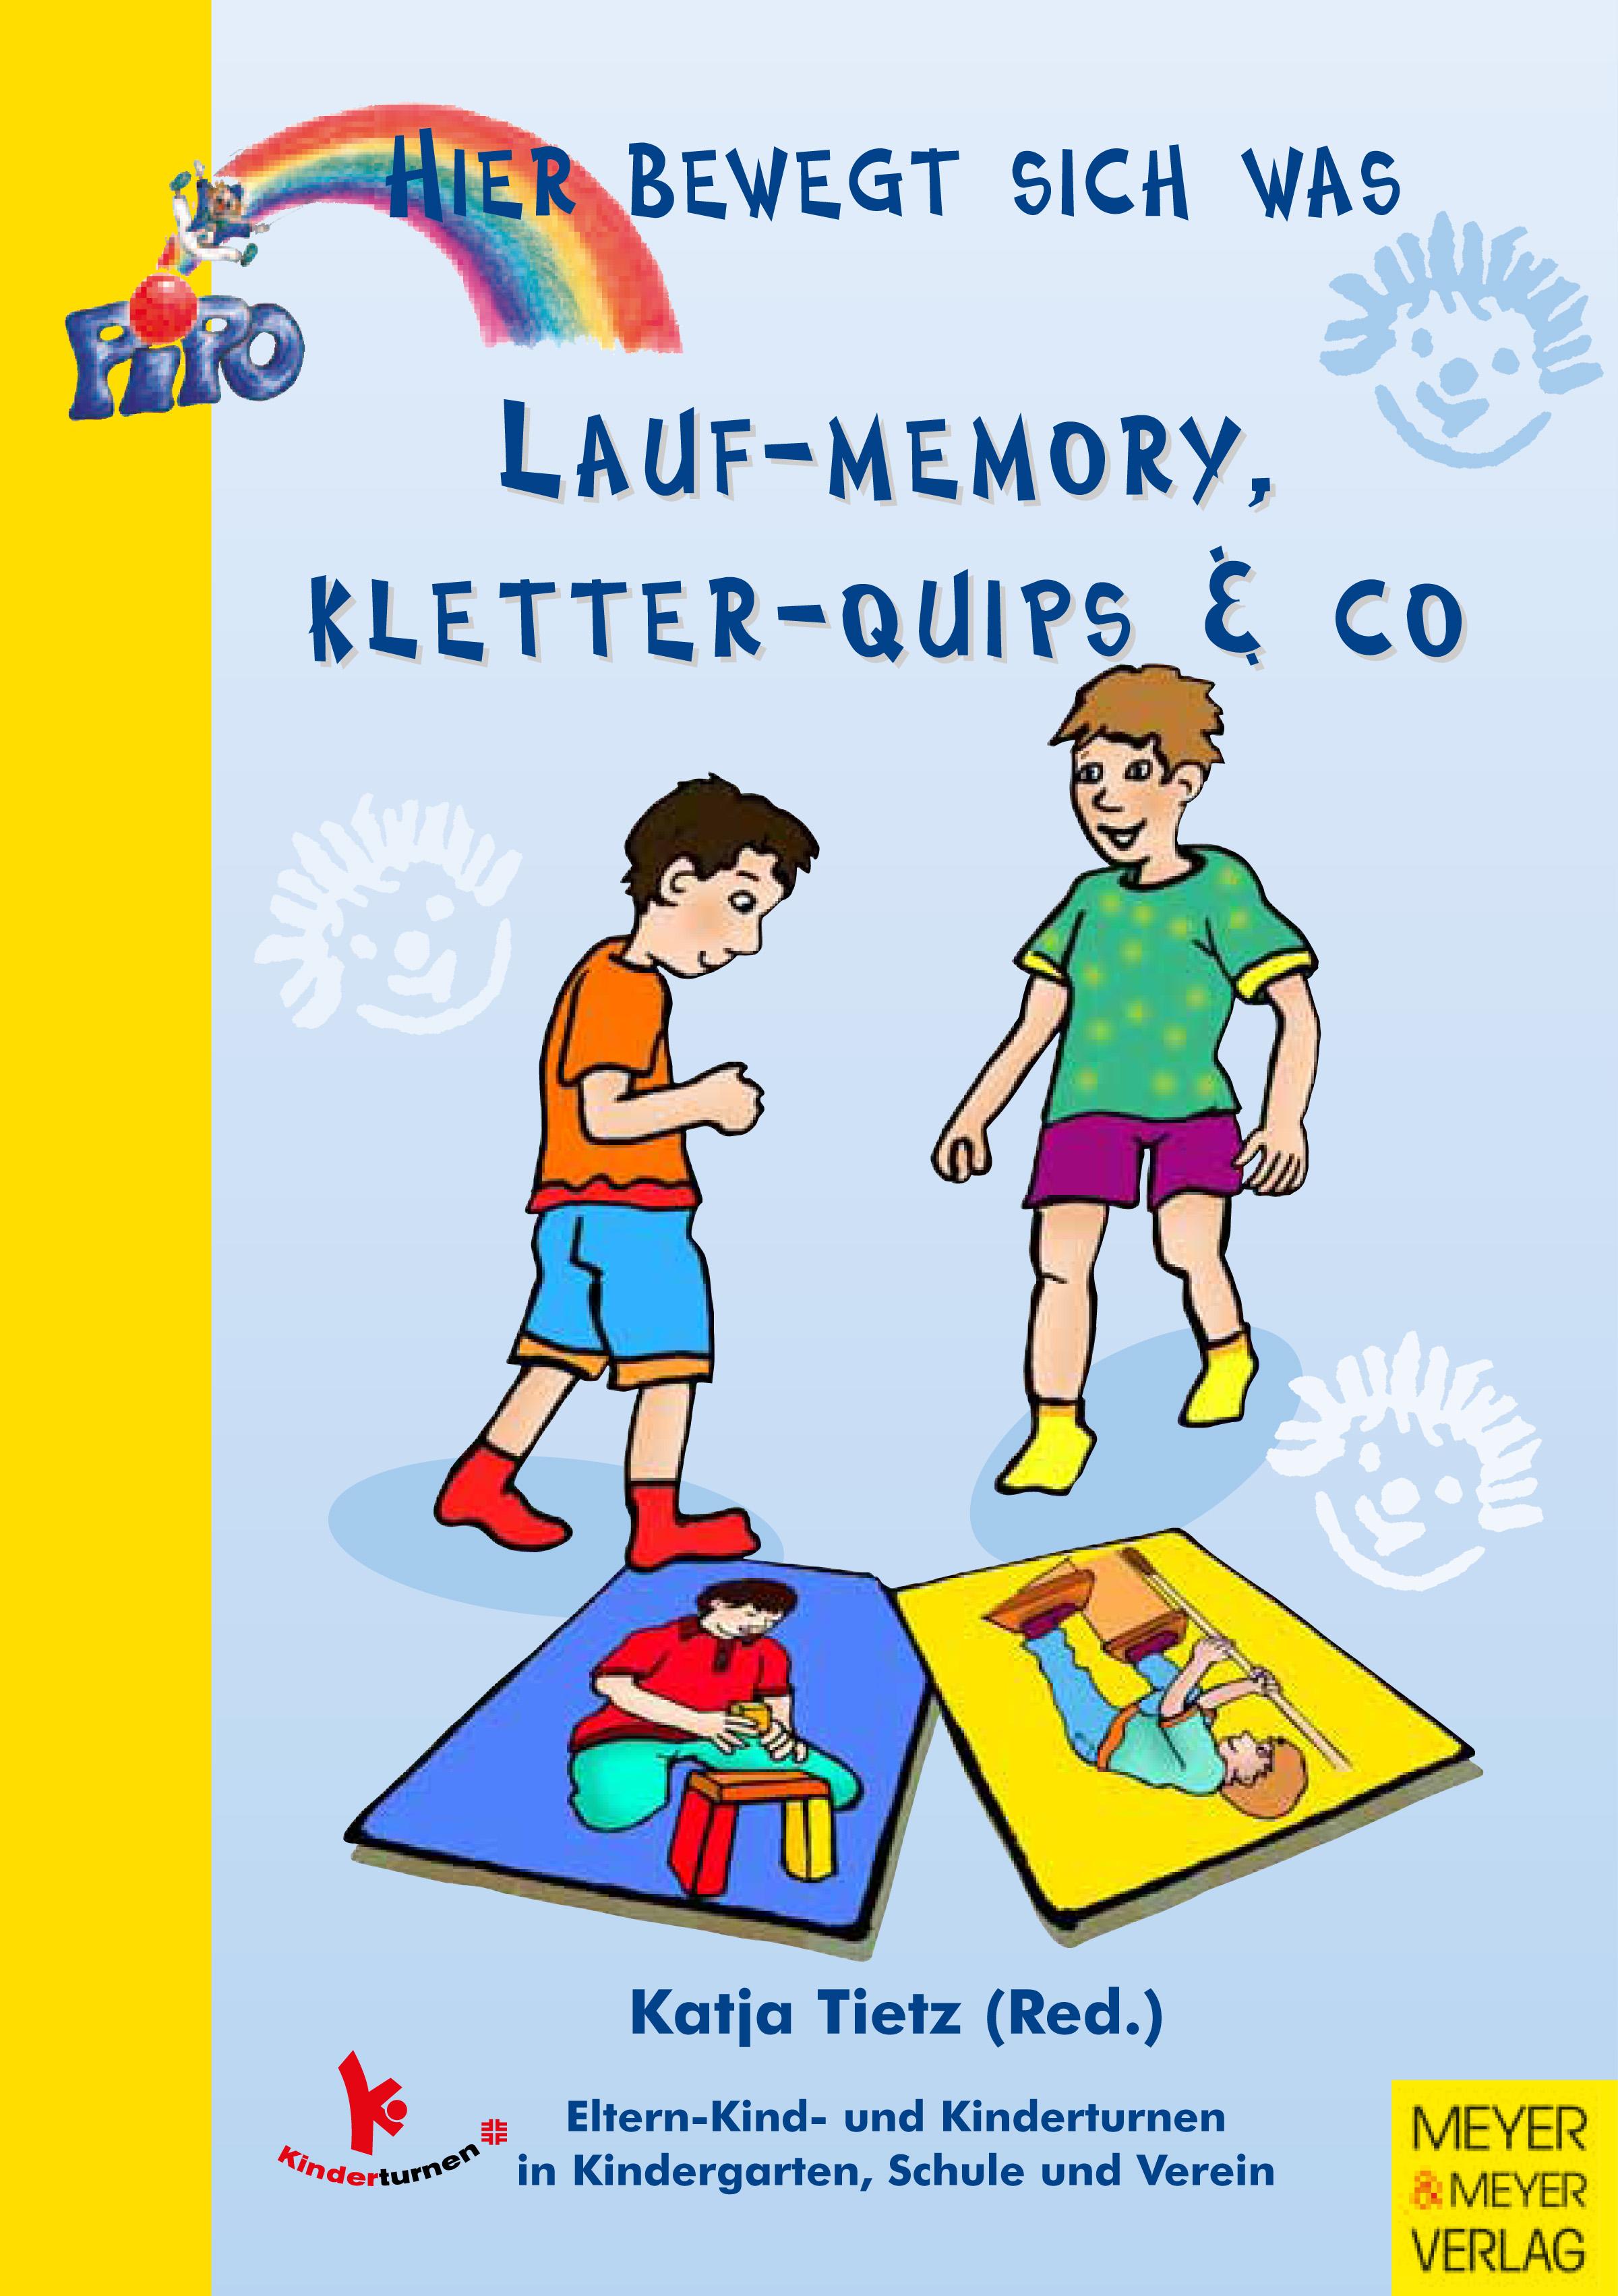 Lauf-Memory, Kletter-Quips & Co (Hier bewegt sich was) (Pipo - Hier bewegt sich was): Eltern-Kind- und Kinderturnen in Kindergarten, Schule und Verein - Katja Tietz